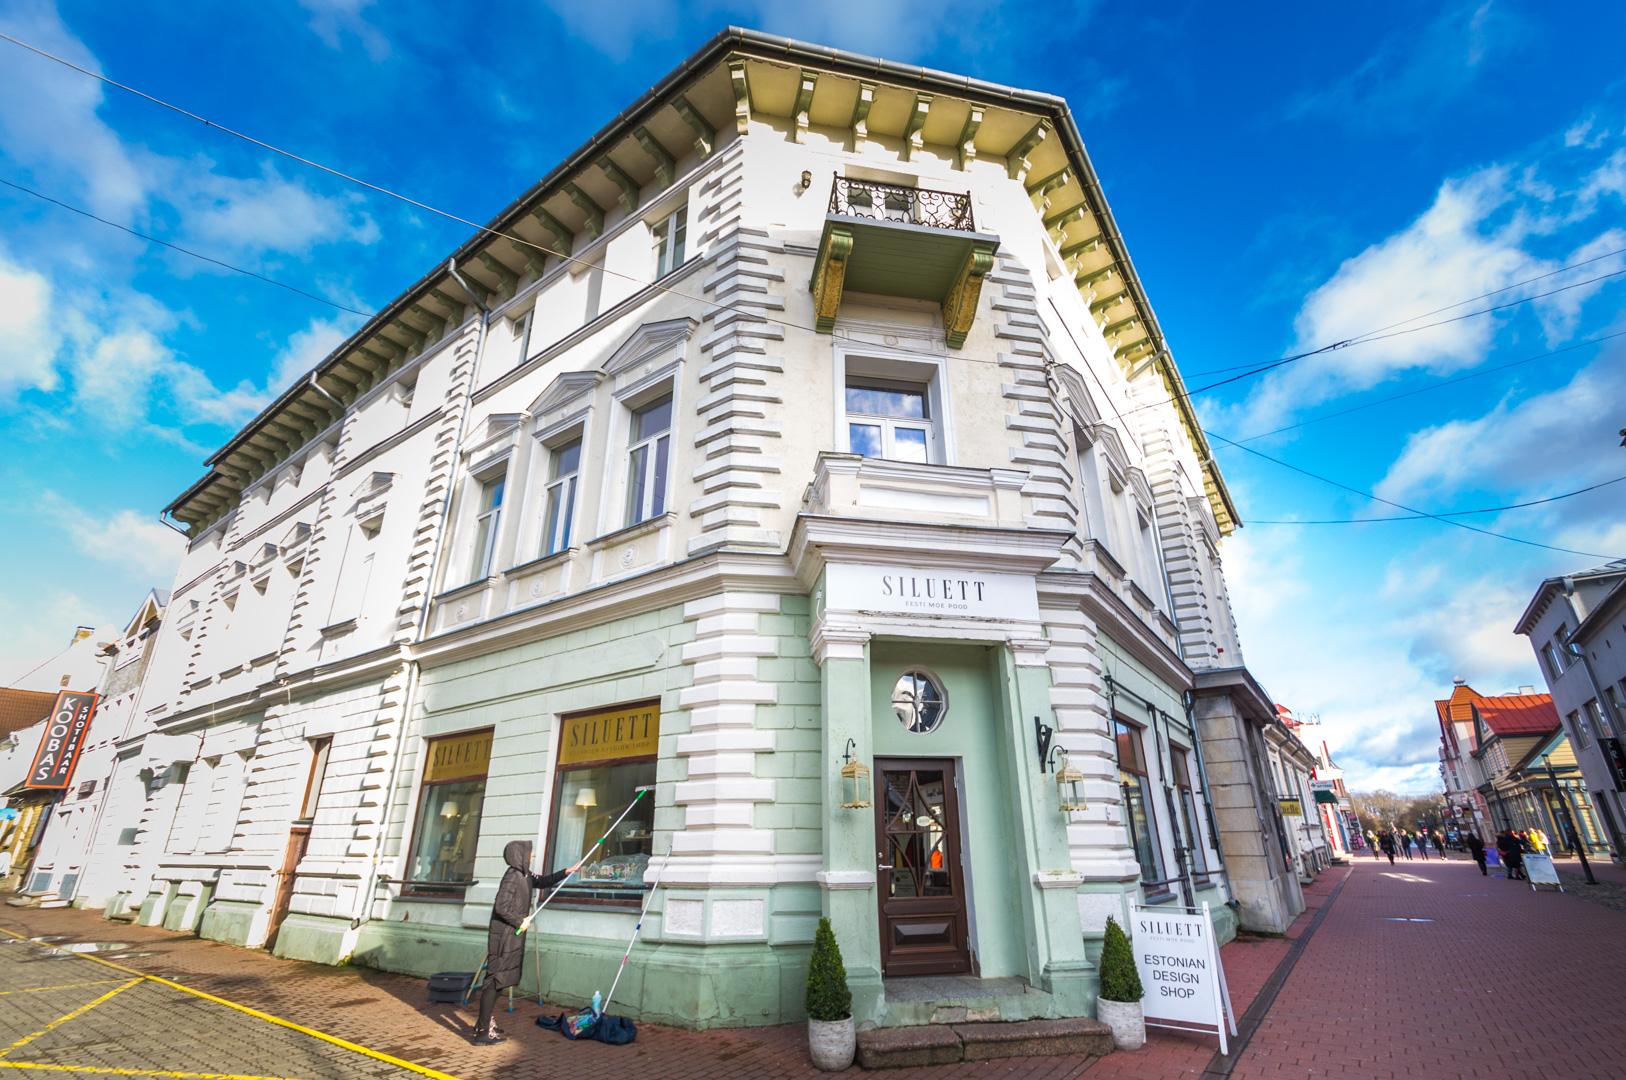 Kliendid soovivad osta 2-toalist korterit Pärnu kesklinnas